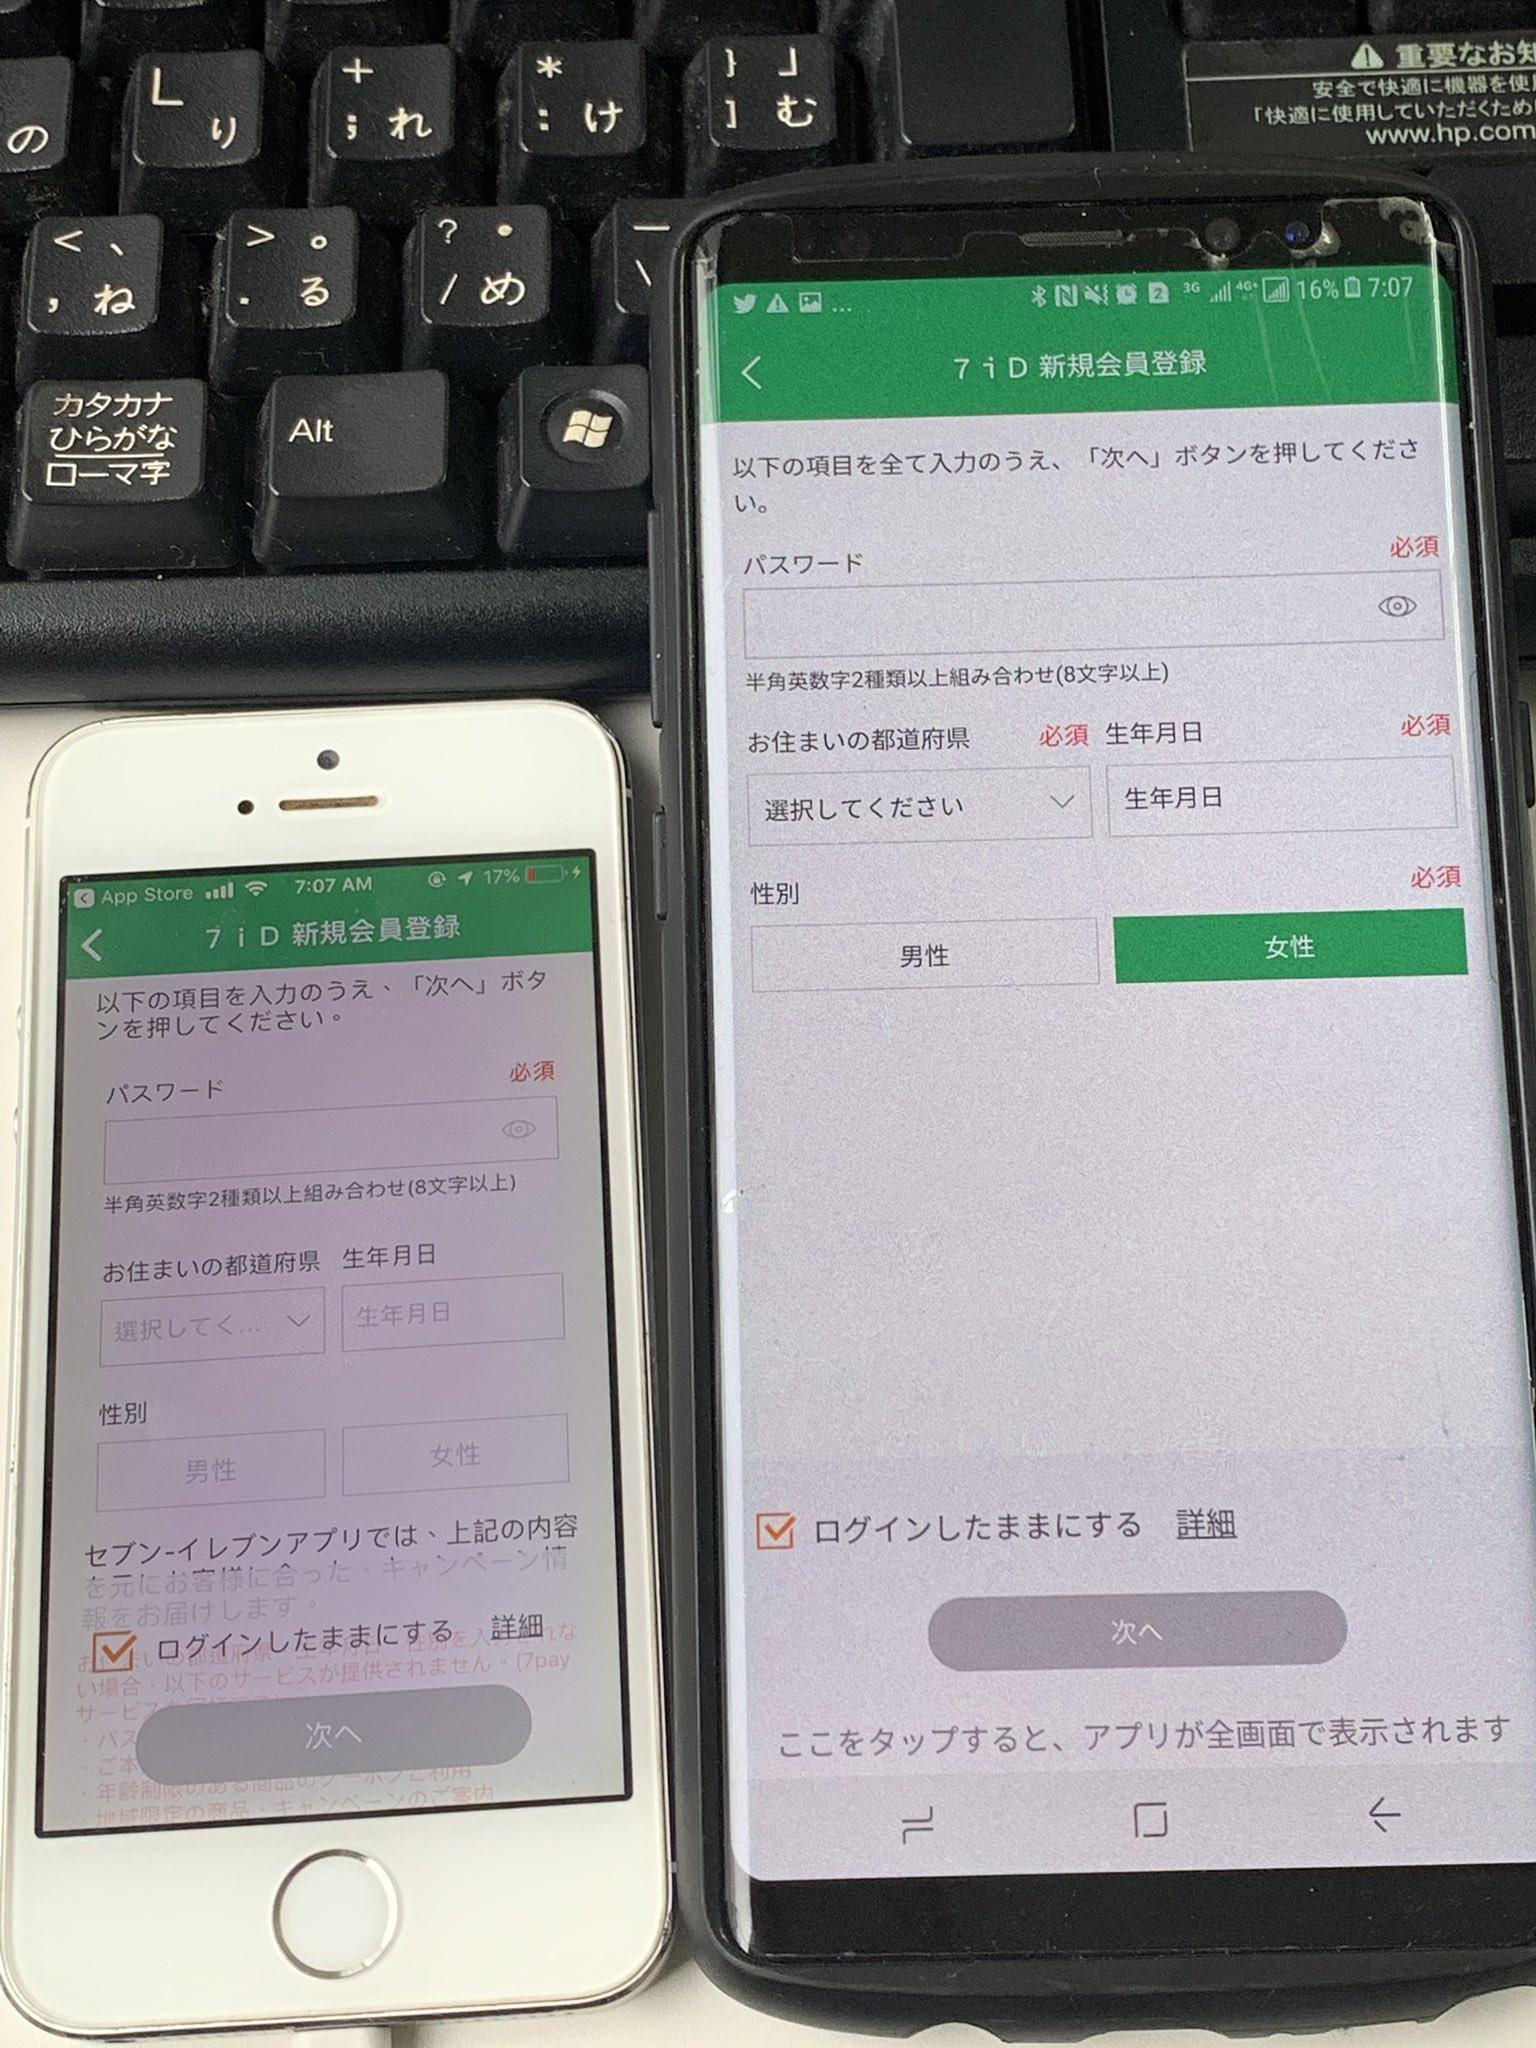 画像,@HiromitsuTakagi 現時点で都道府県、生年月日、性別Android版は必須iOS版は任意ですね https://t.co/SKCY5WHS6M…